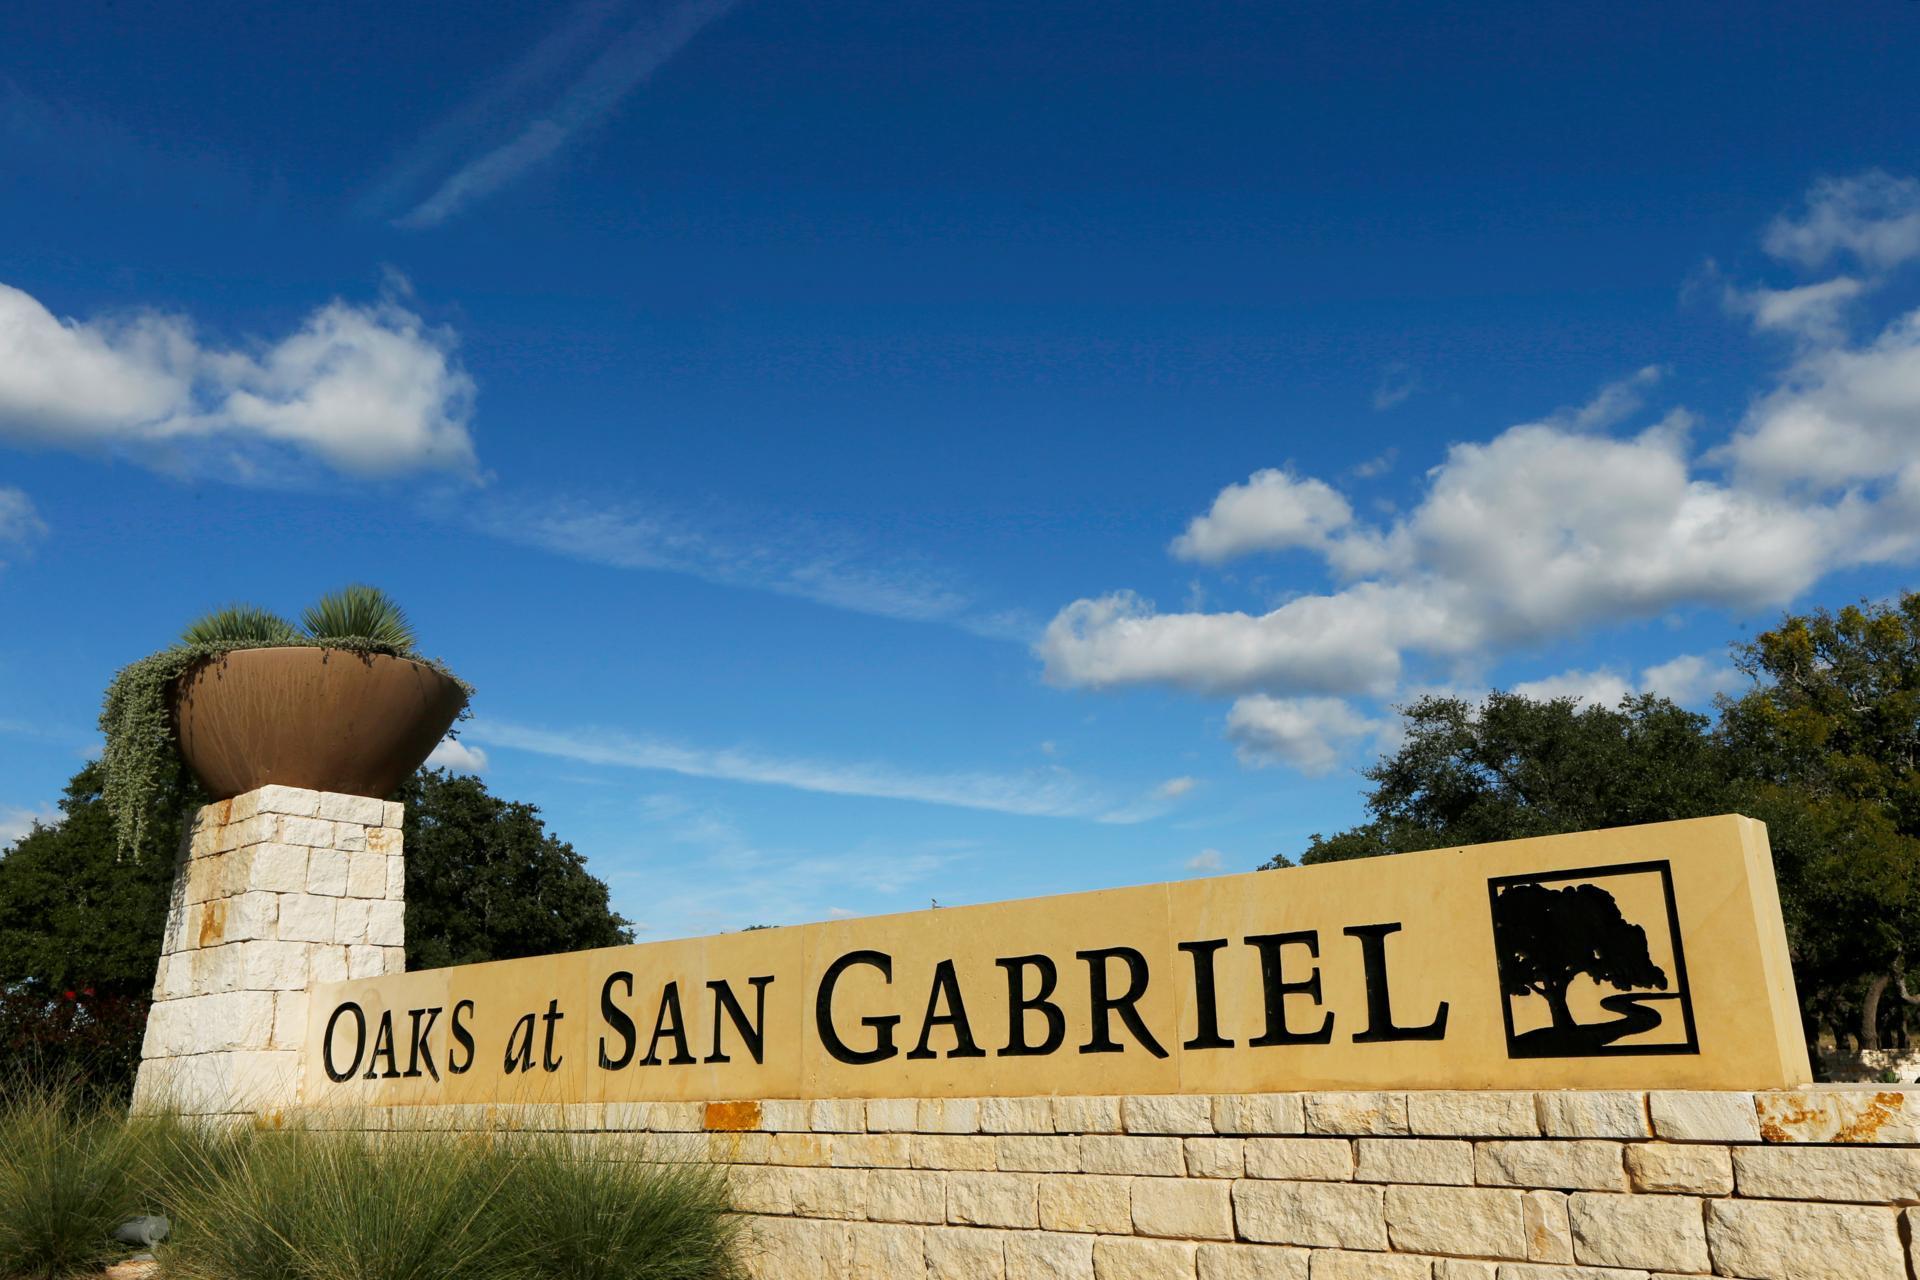 Entrance to Oaks at San Gabriel